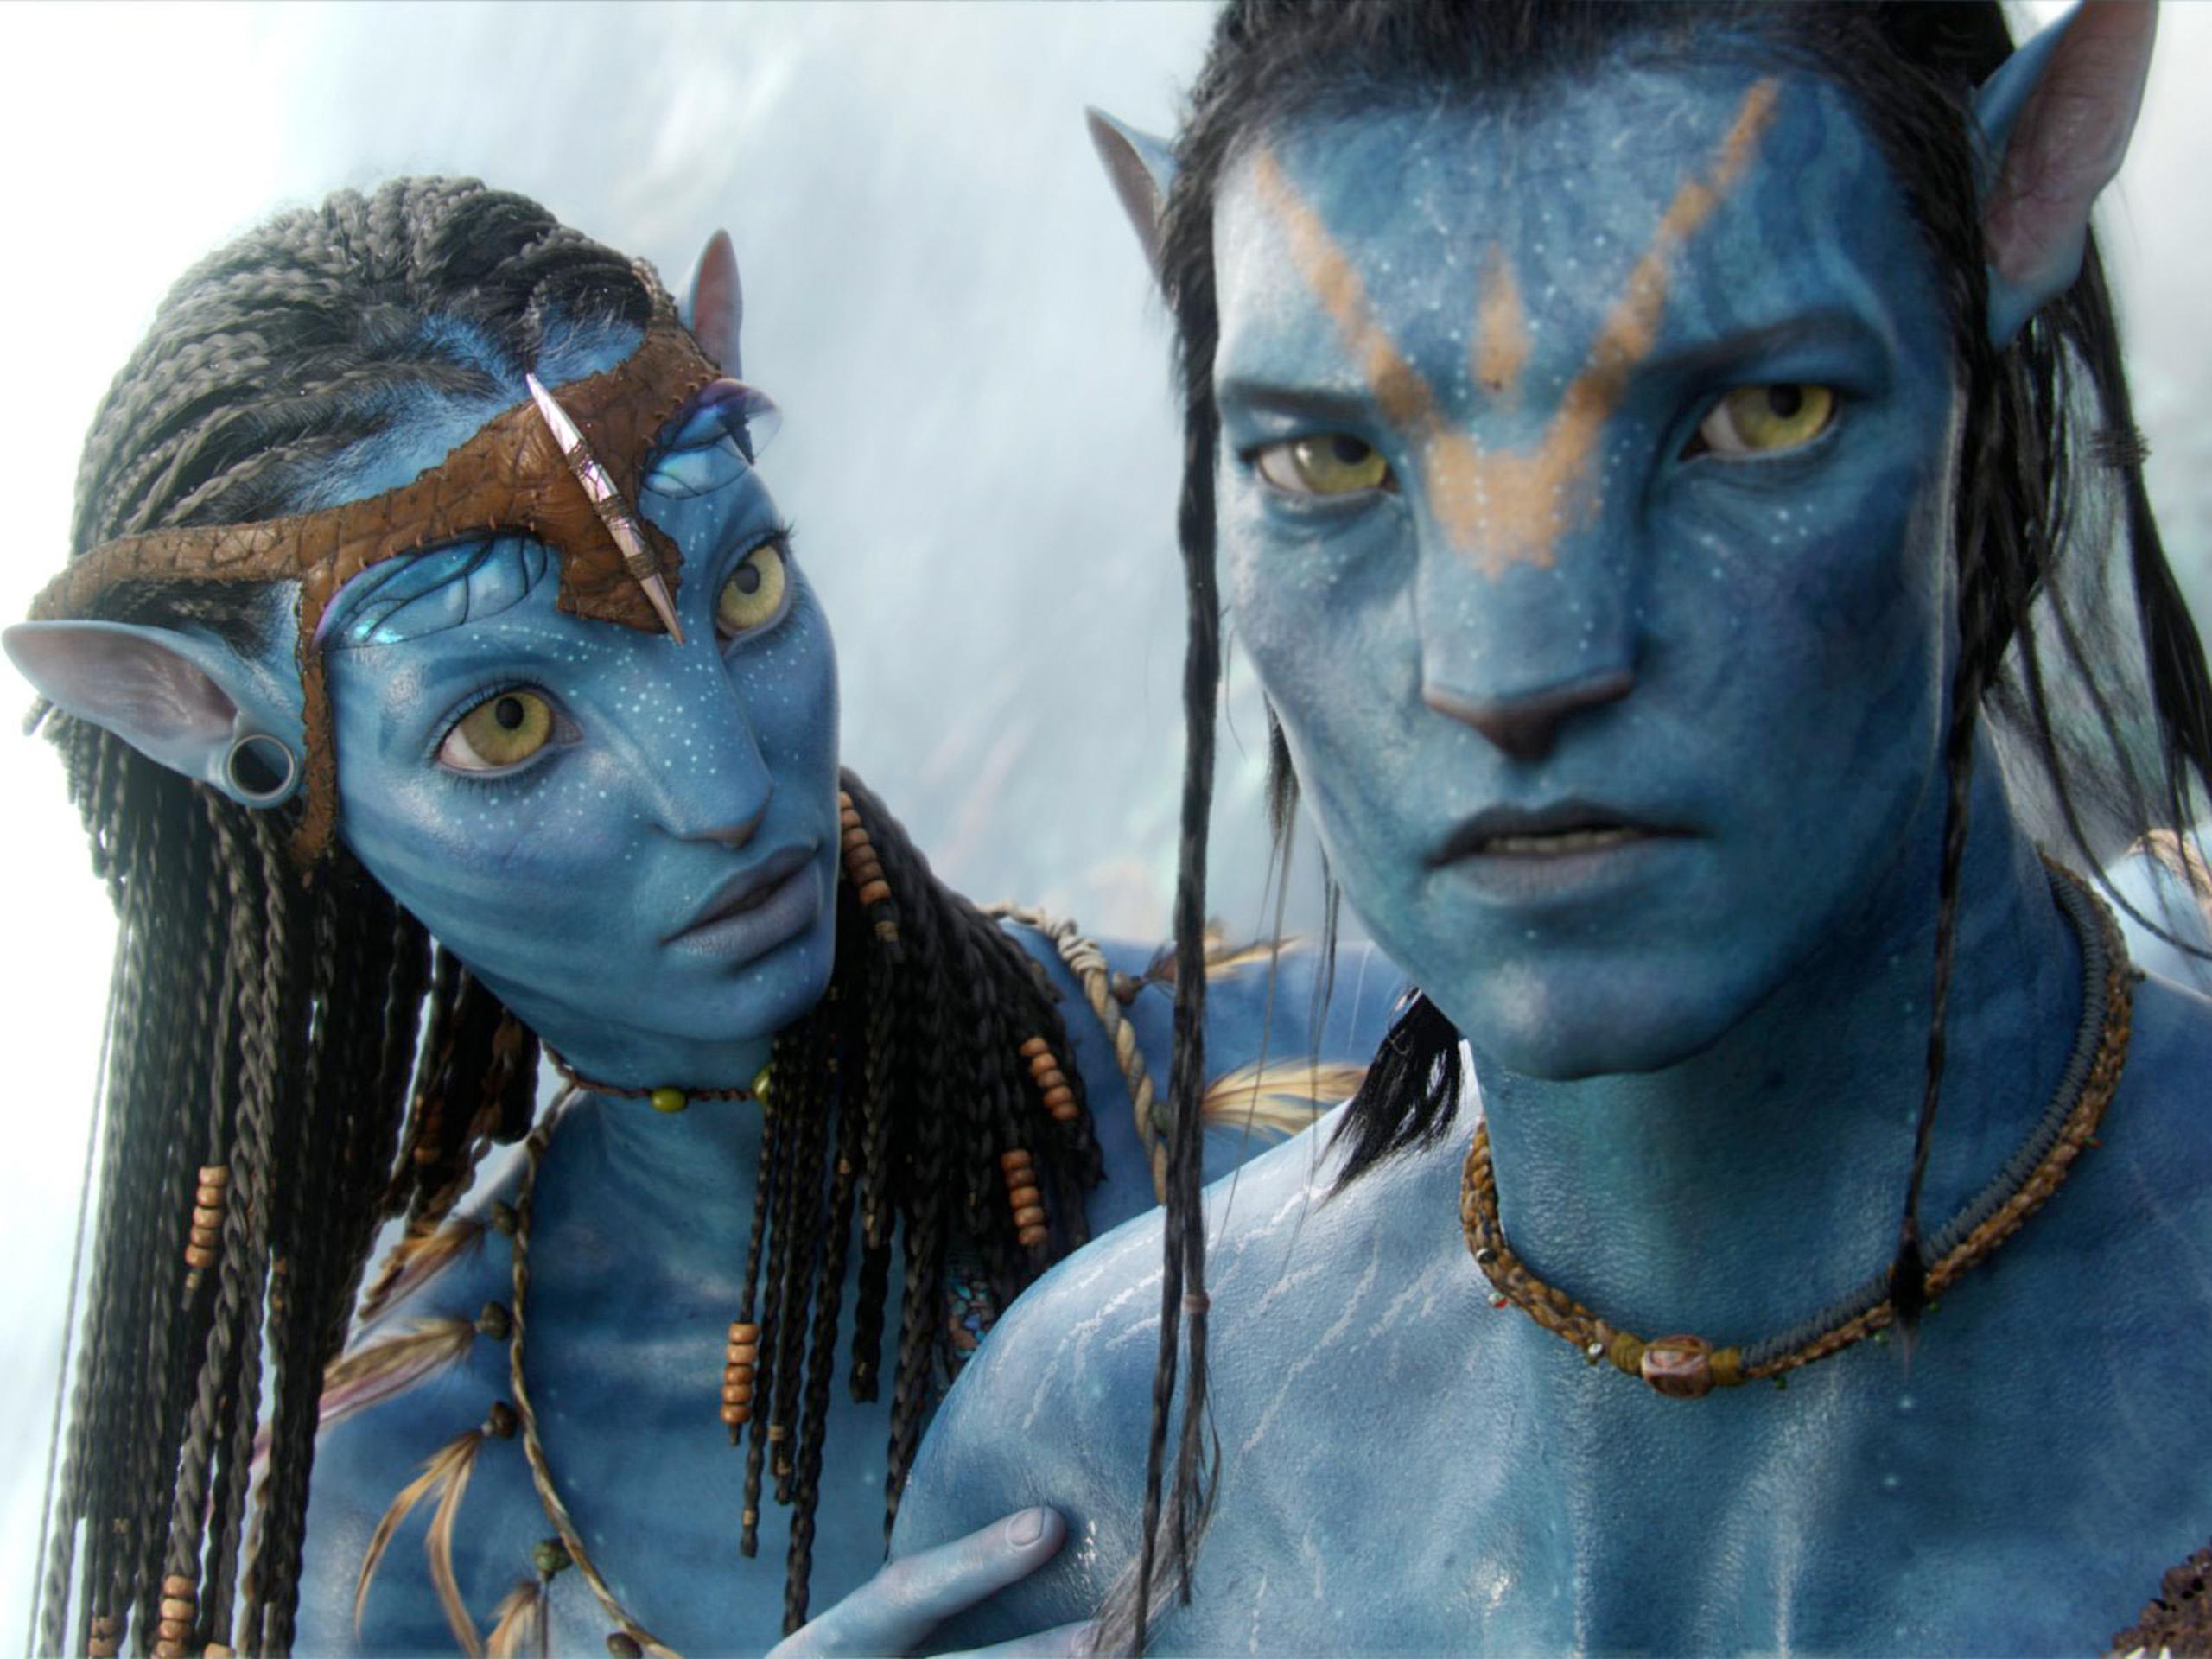 Аватар, Avatar, фильм, кино.